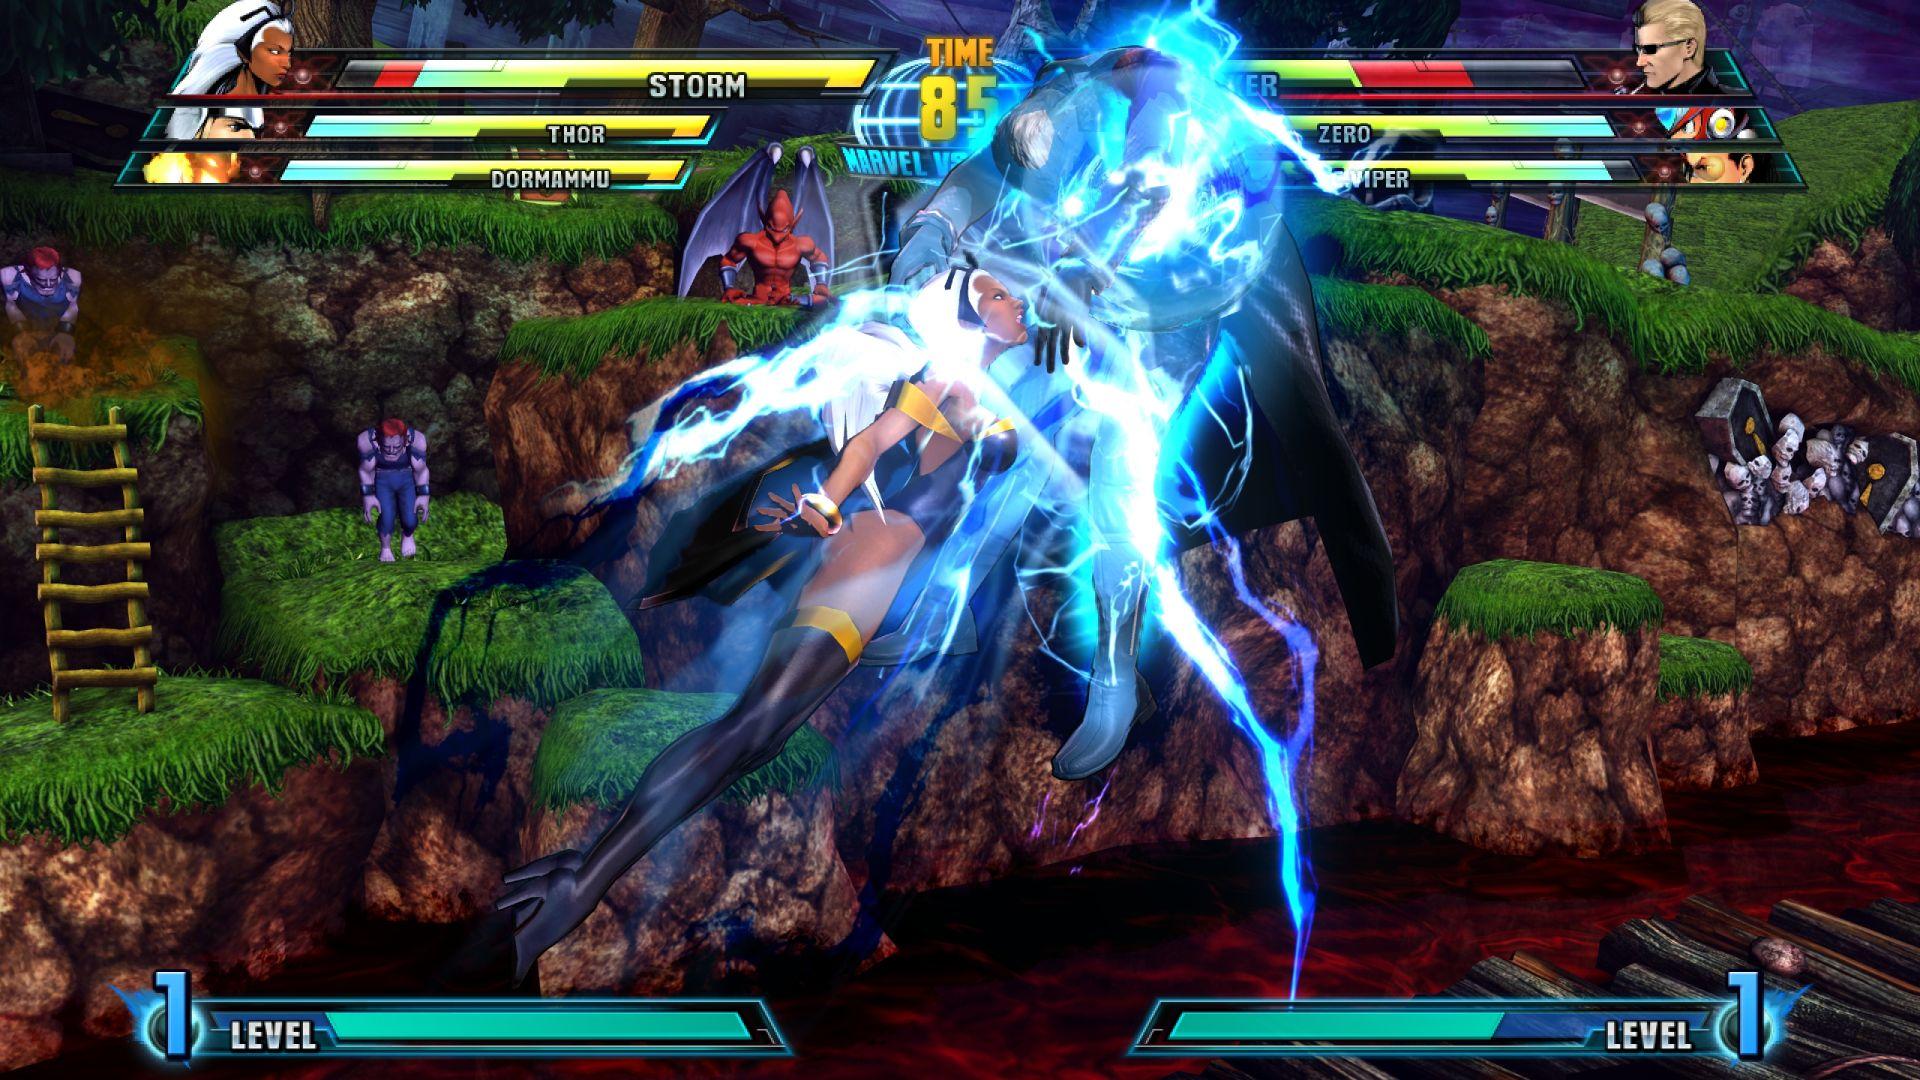 C. Viper a Storm v bojovce Marvel vs. Capcom 3 26851